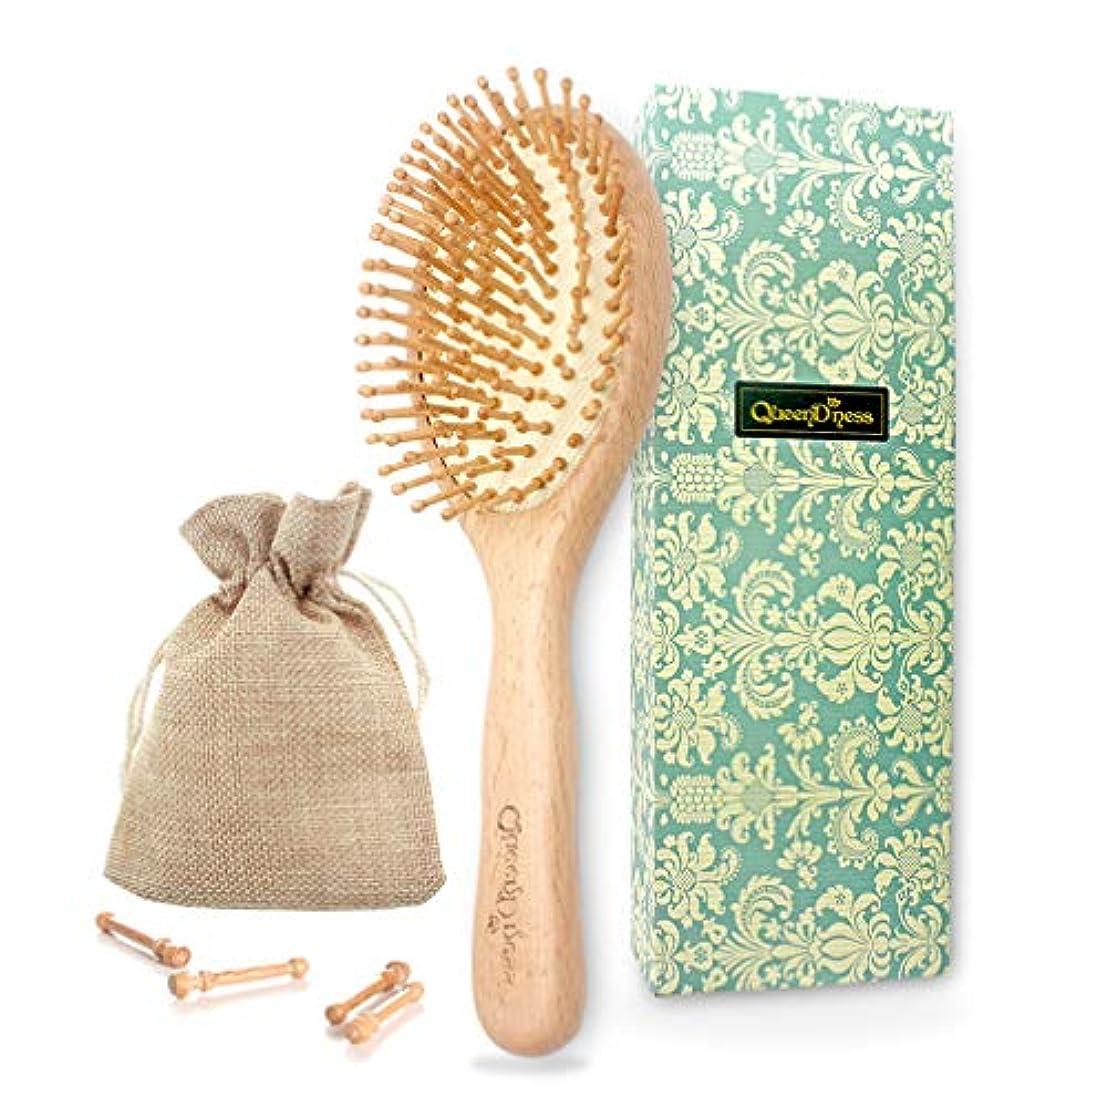 絶えず徐々にメインヘアブラシ ヘアケア 木製櫛 美髪ケア 頭皮&肩&顔マッサージ マッサージ 艶髪